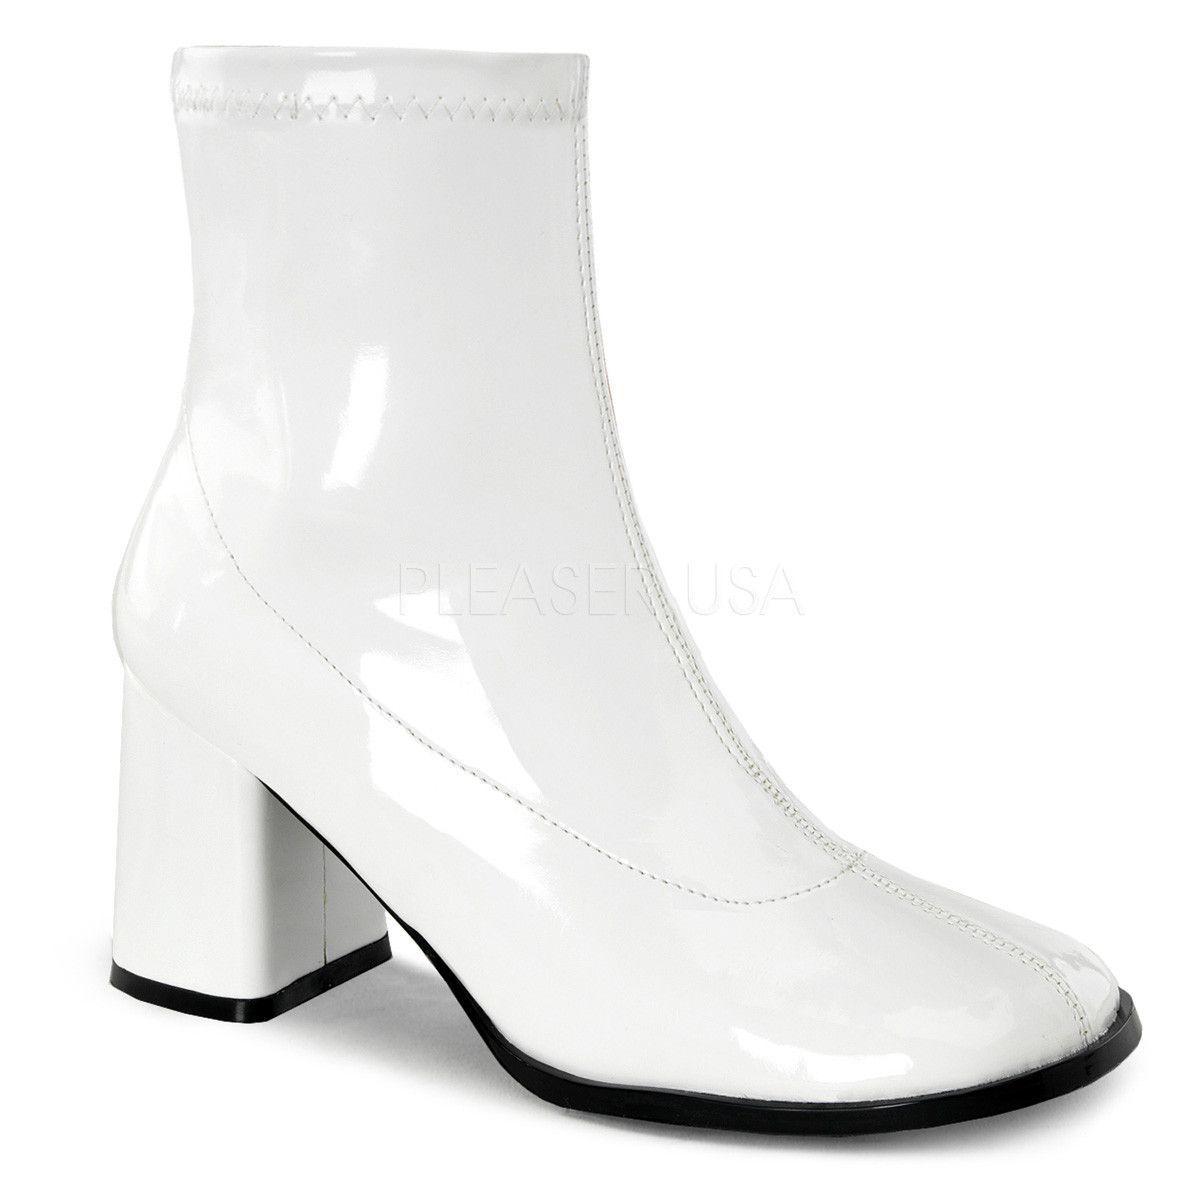 Funtasma GOGO-150 White Gogo Boots